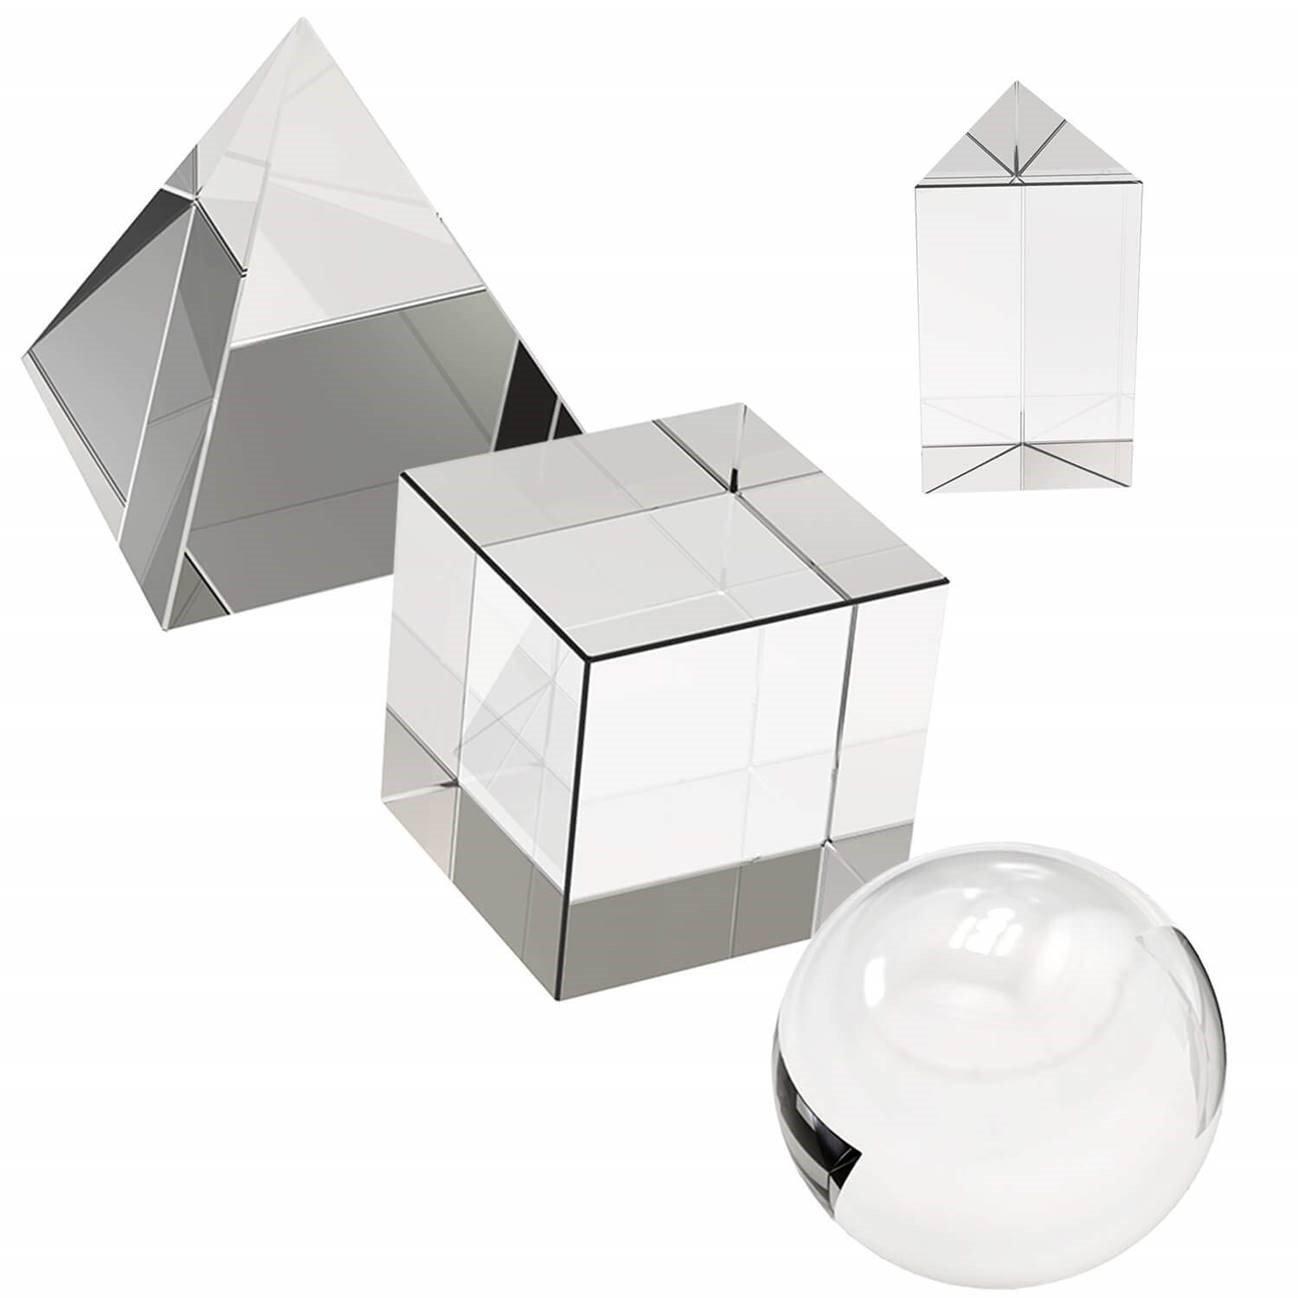 4 crystals